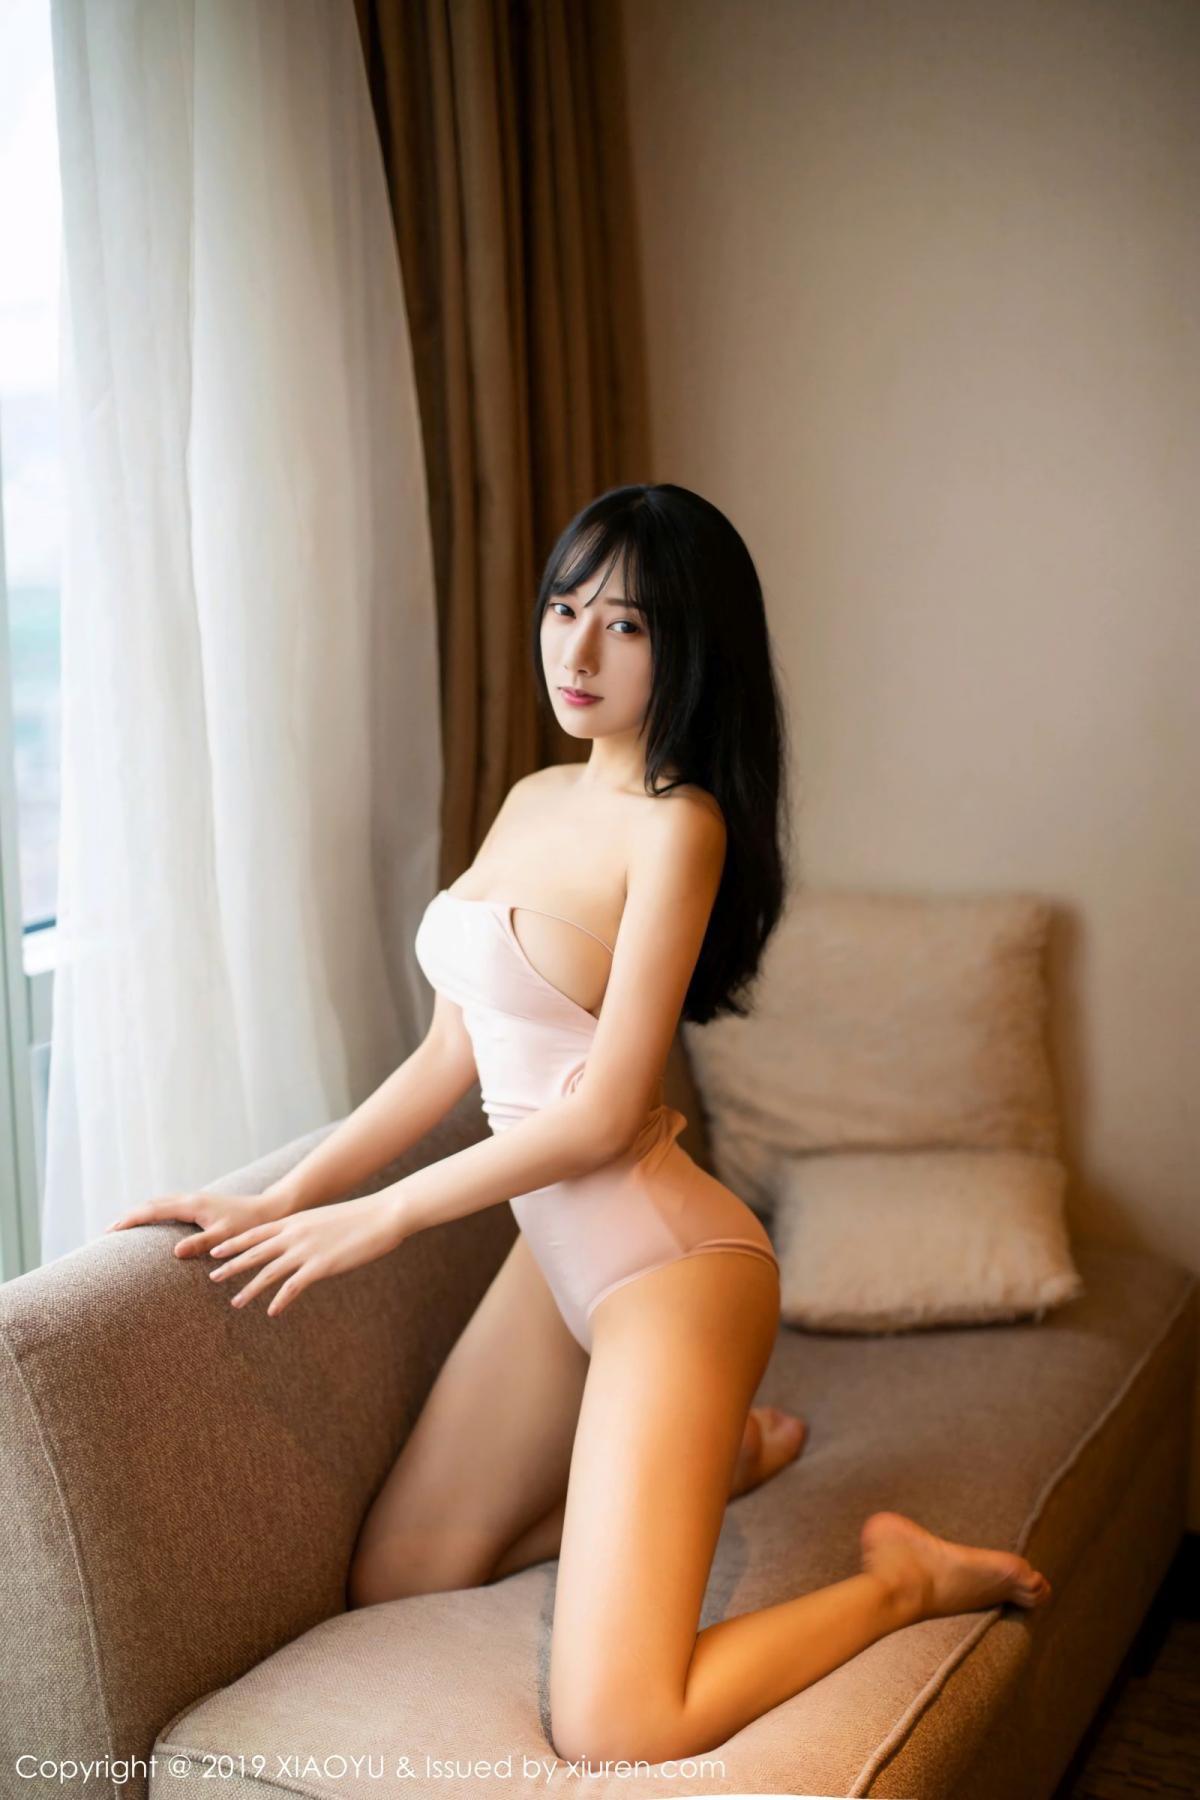 [XiaoYu] Vol.097 He Jia Ying 41P, He Jia Ying, Tall, XiaoYu